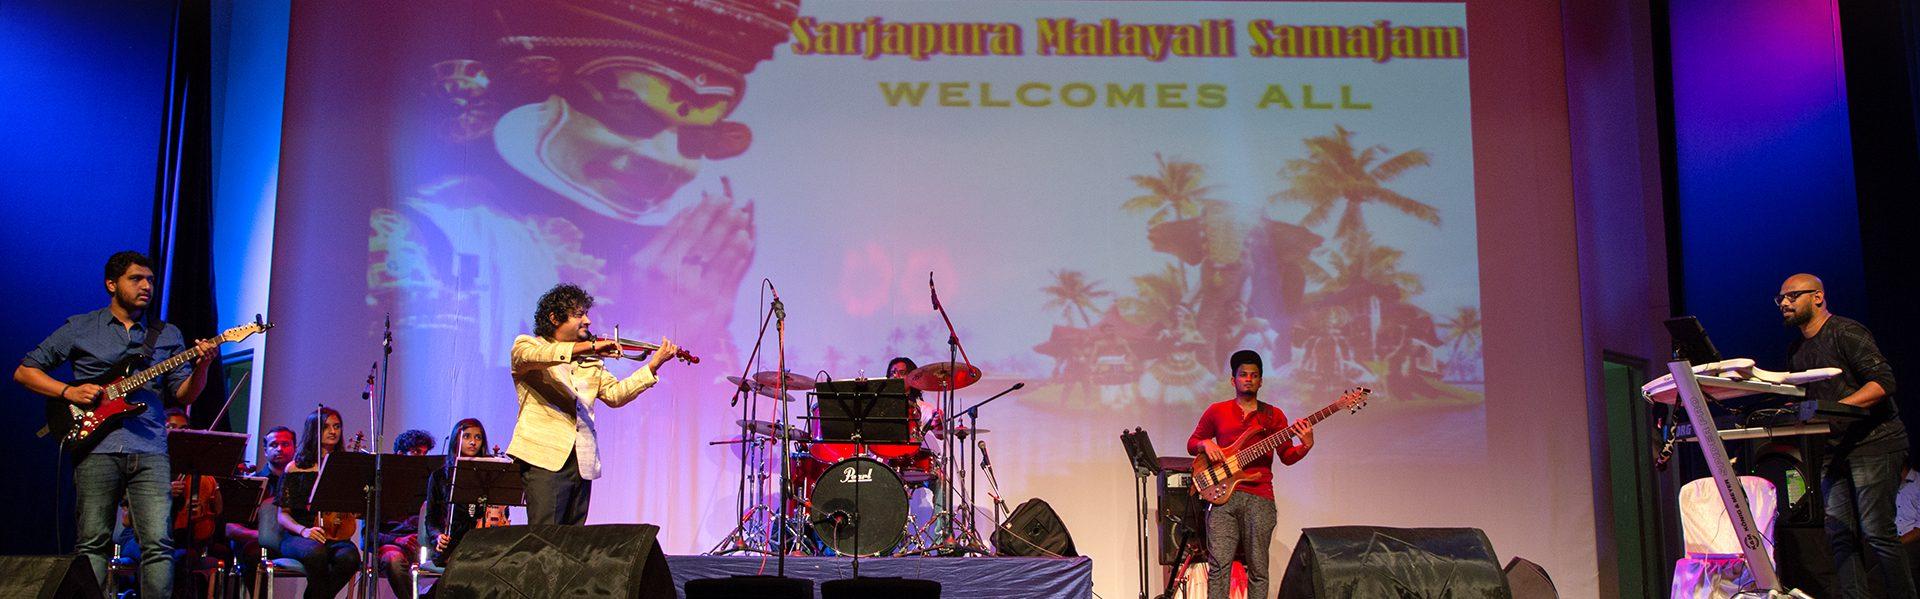 Sarjapura Malayali Samajam